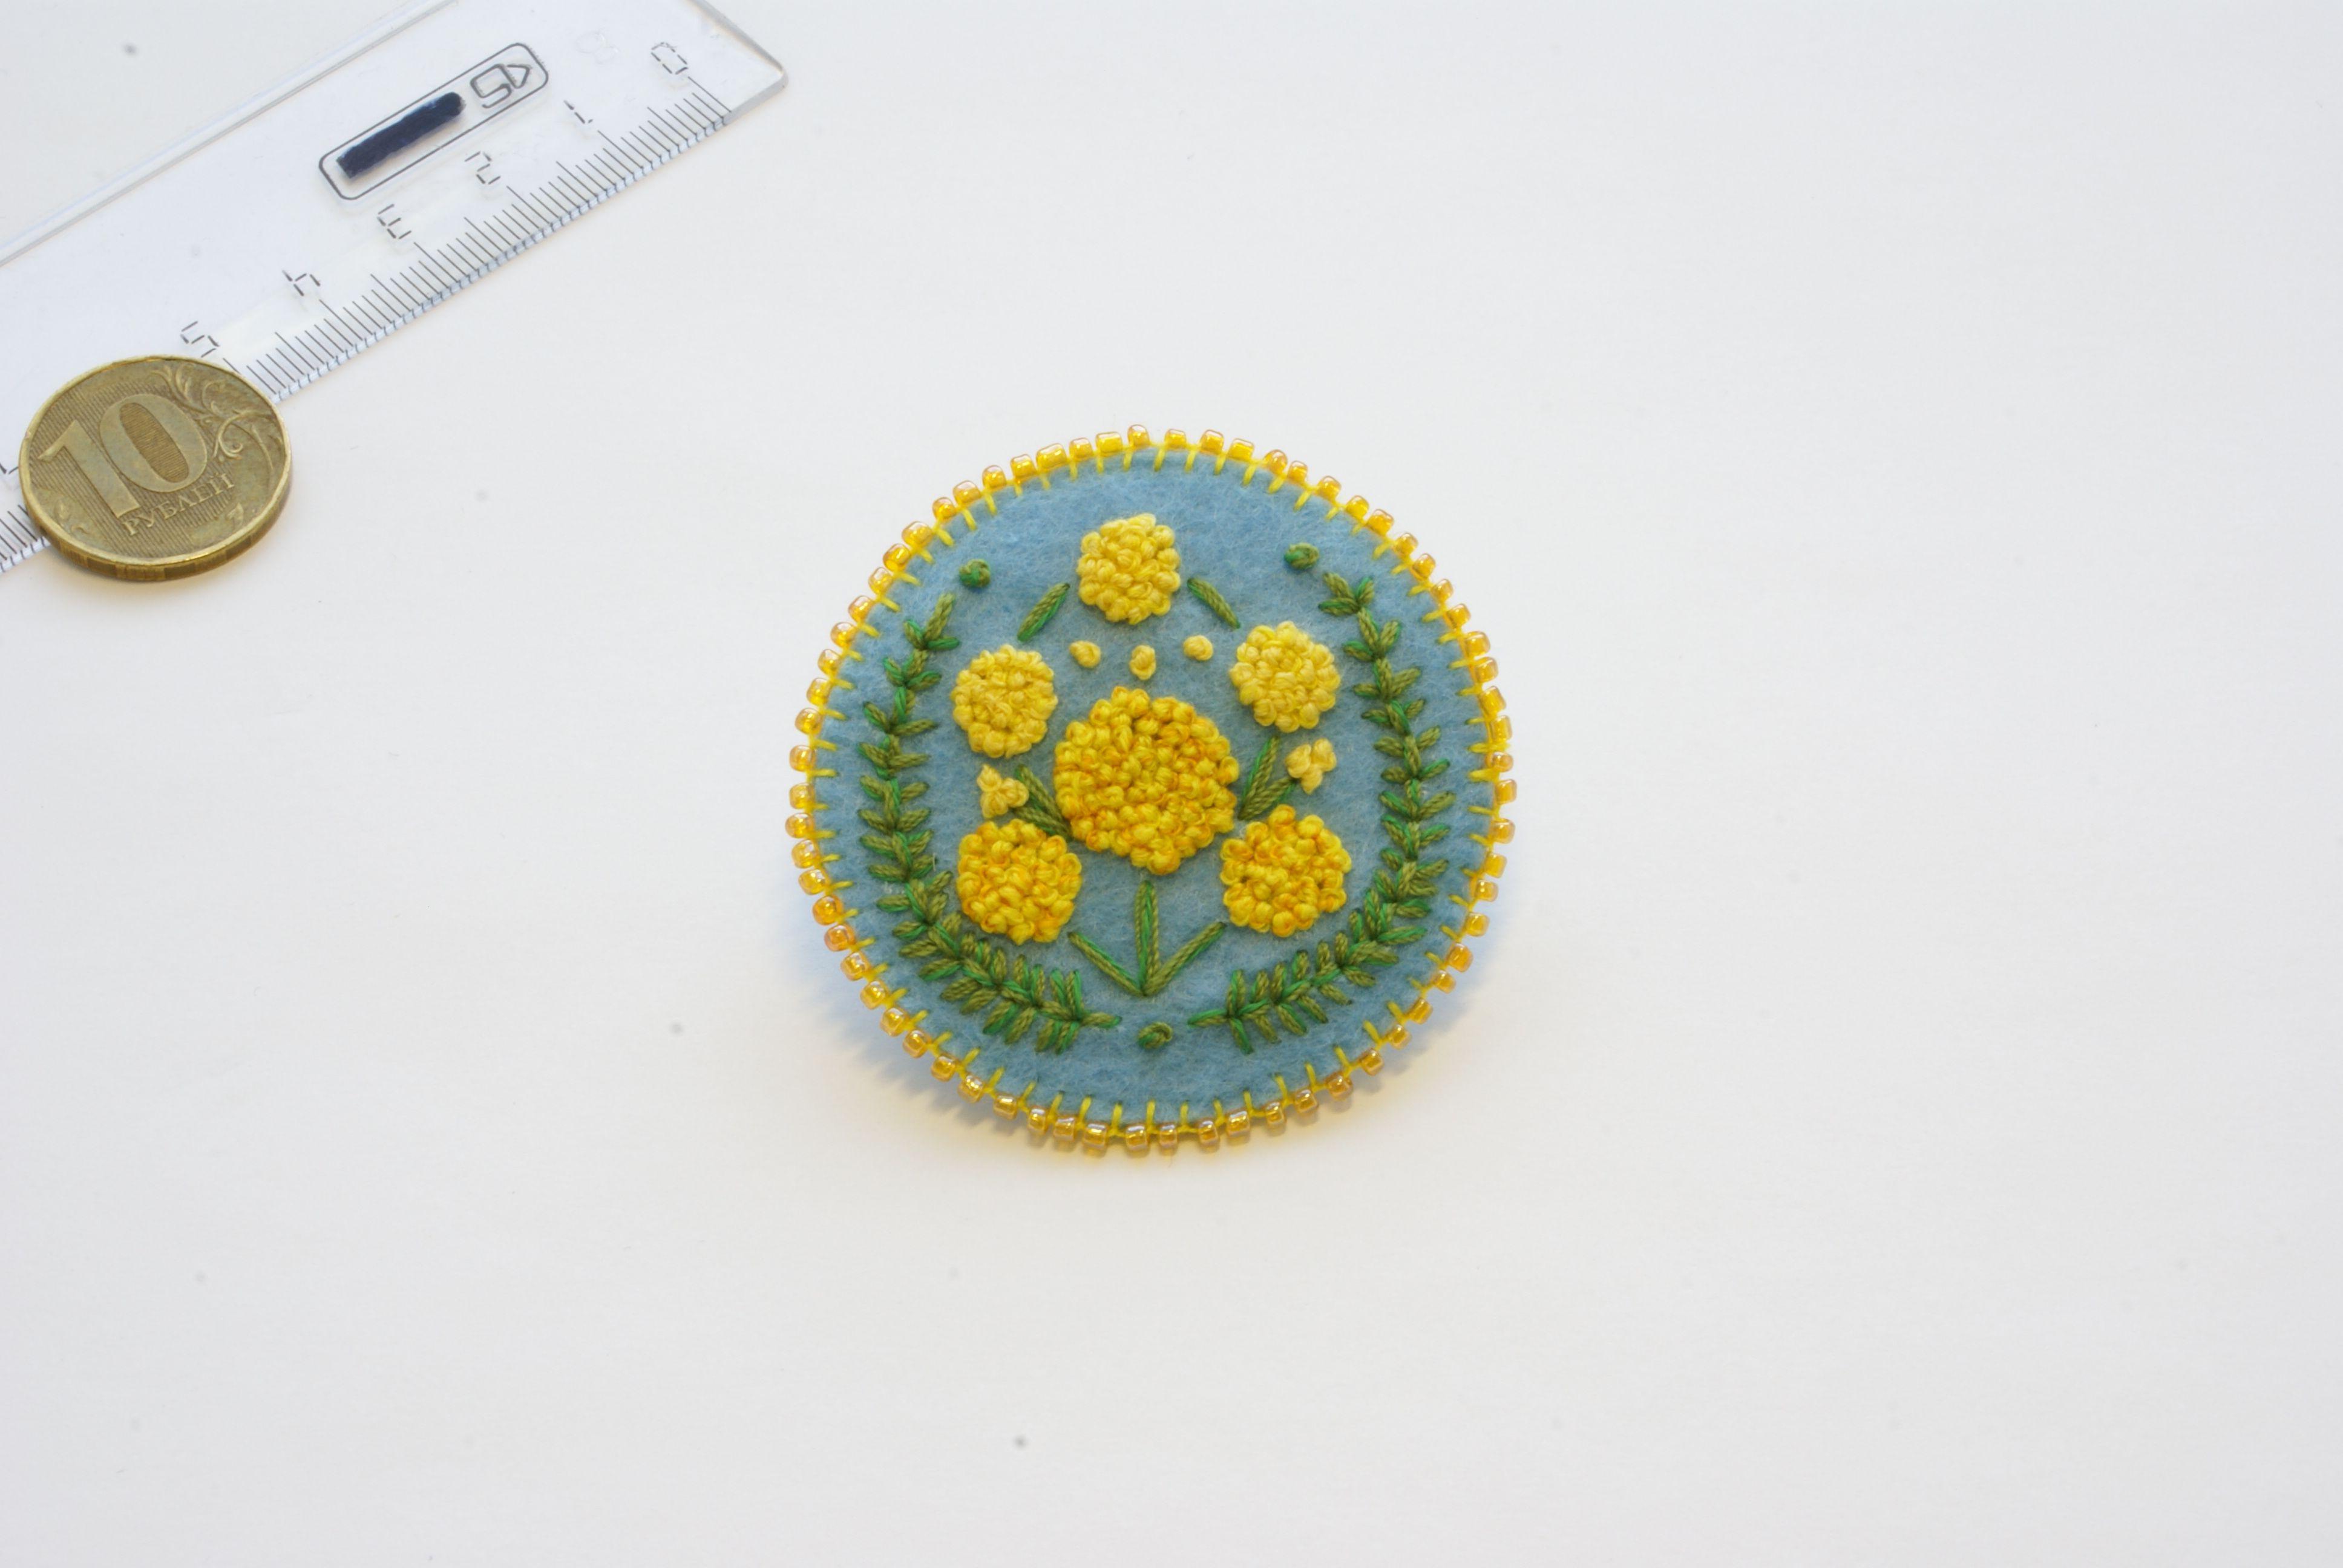 вышивка брошь мимоза брошка украшение бисер ручнаяработа фетр